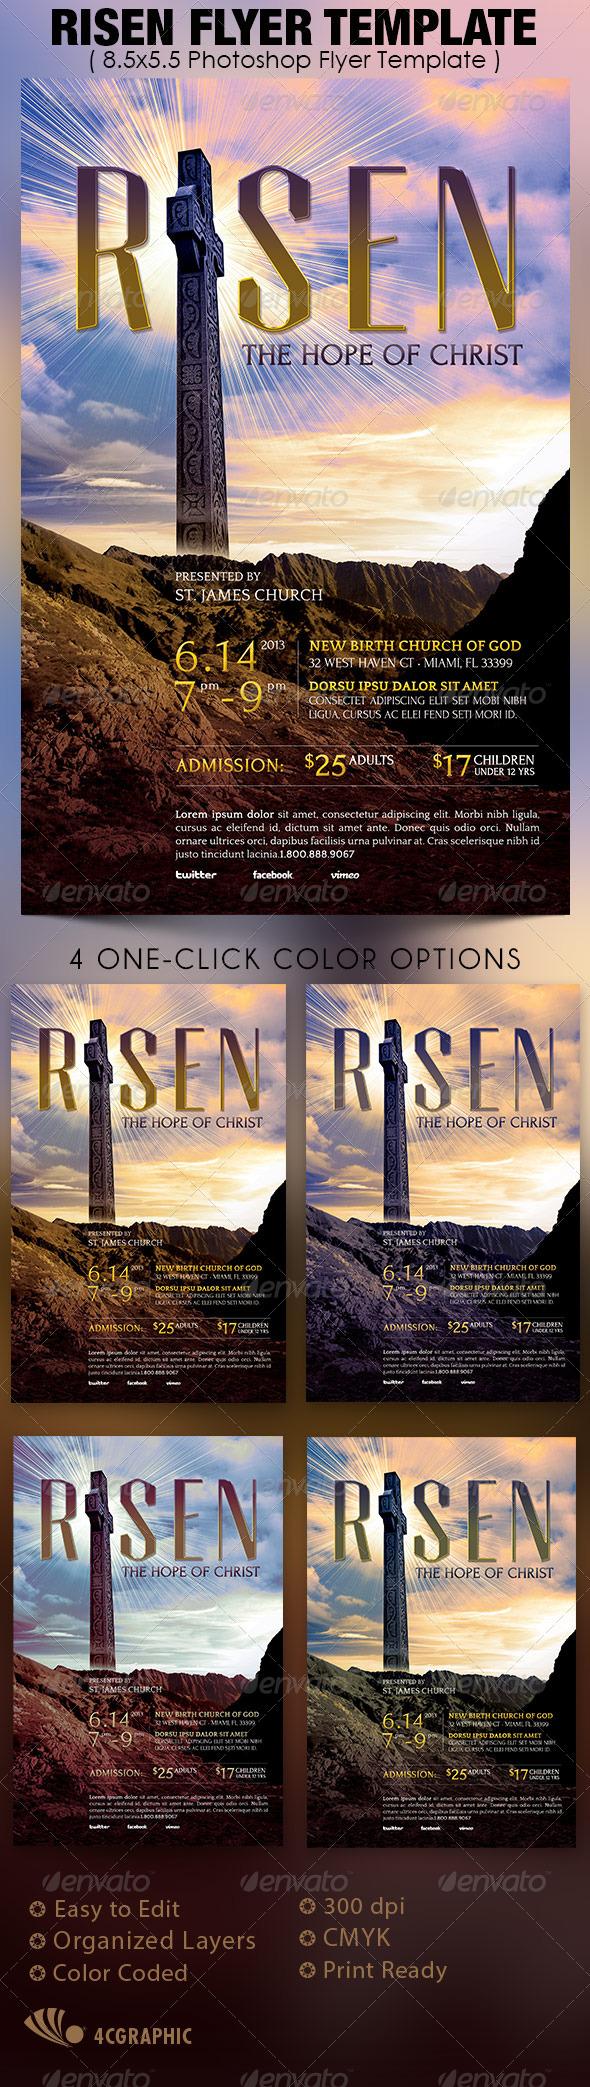 Risen Church Flyer Template - Church Flyers